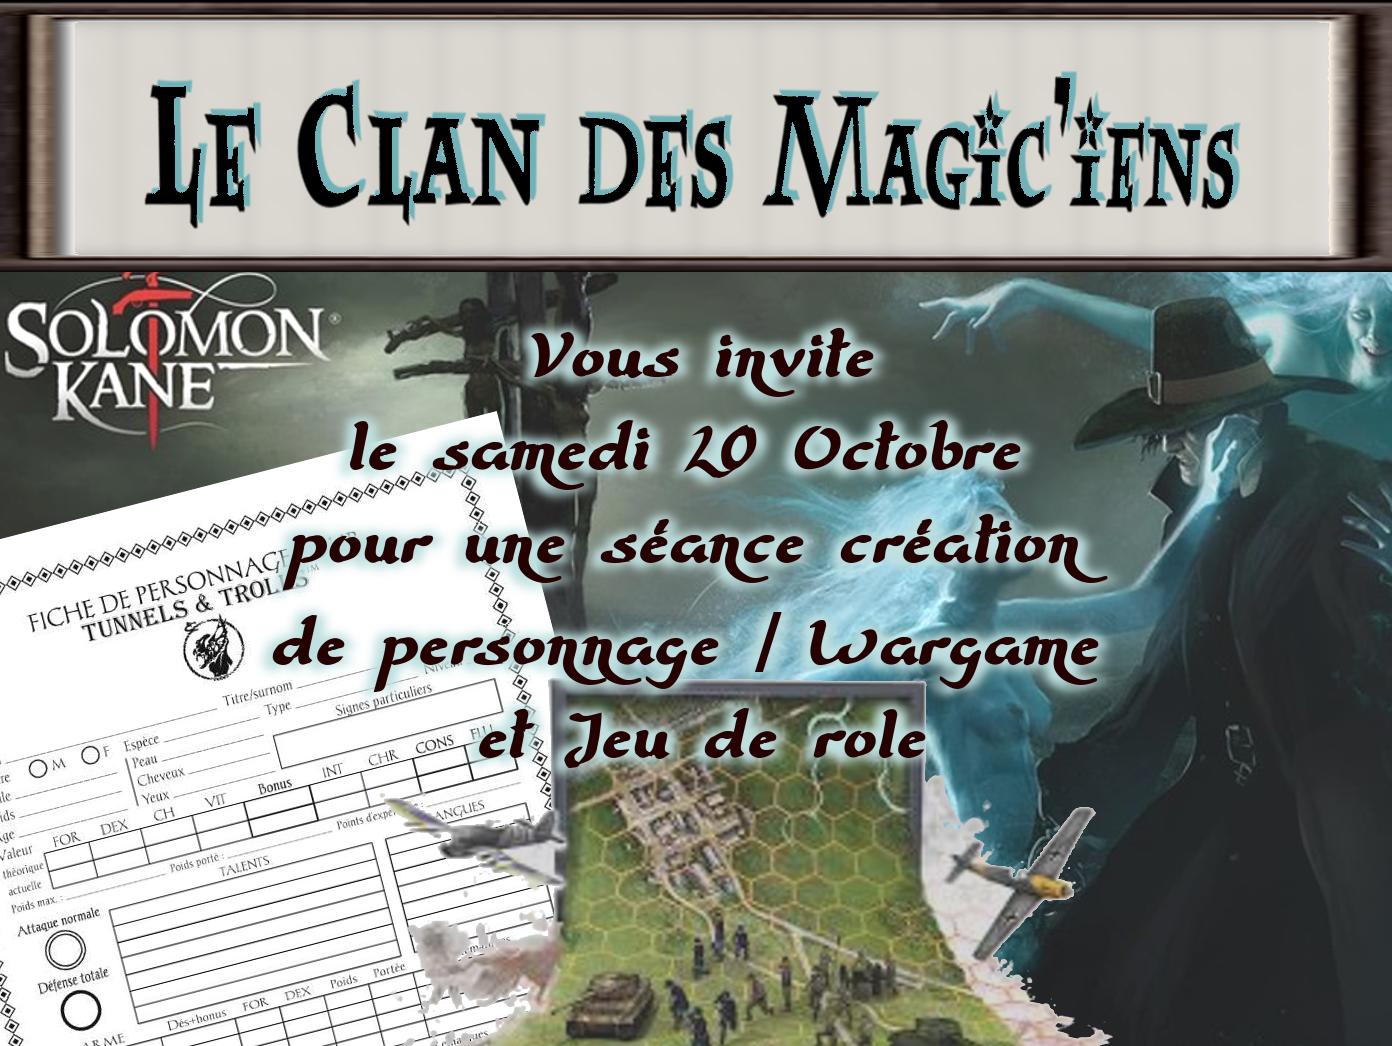 Samedi 20 Octobre : Création de persos / Wargame et Jeu de role (Solomon Kane) à  partir de 14h KODr3